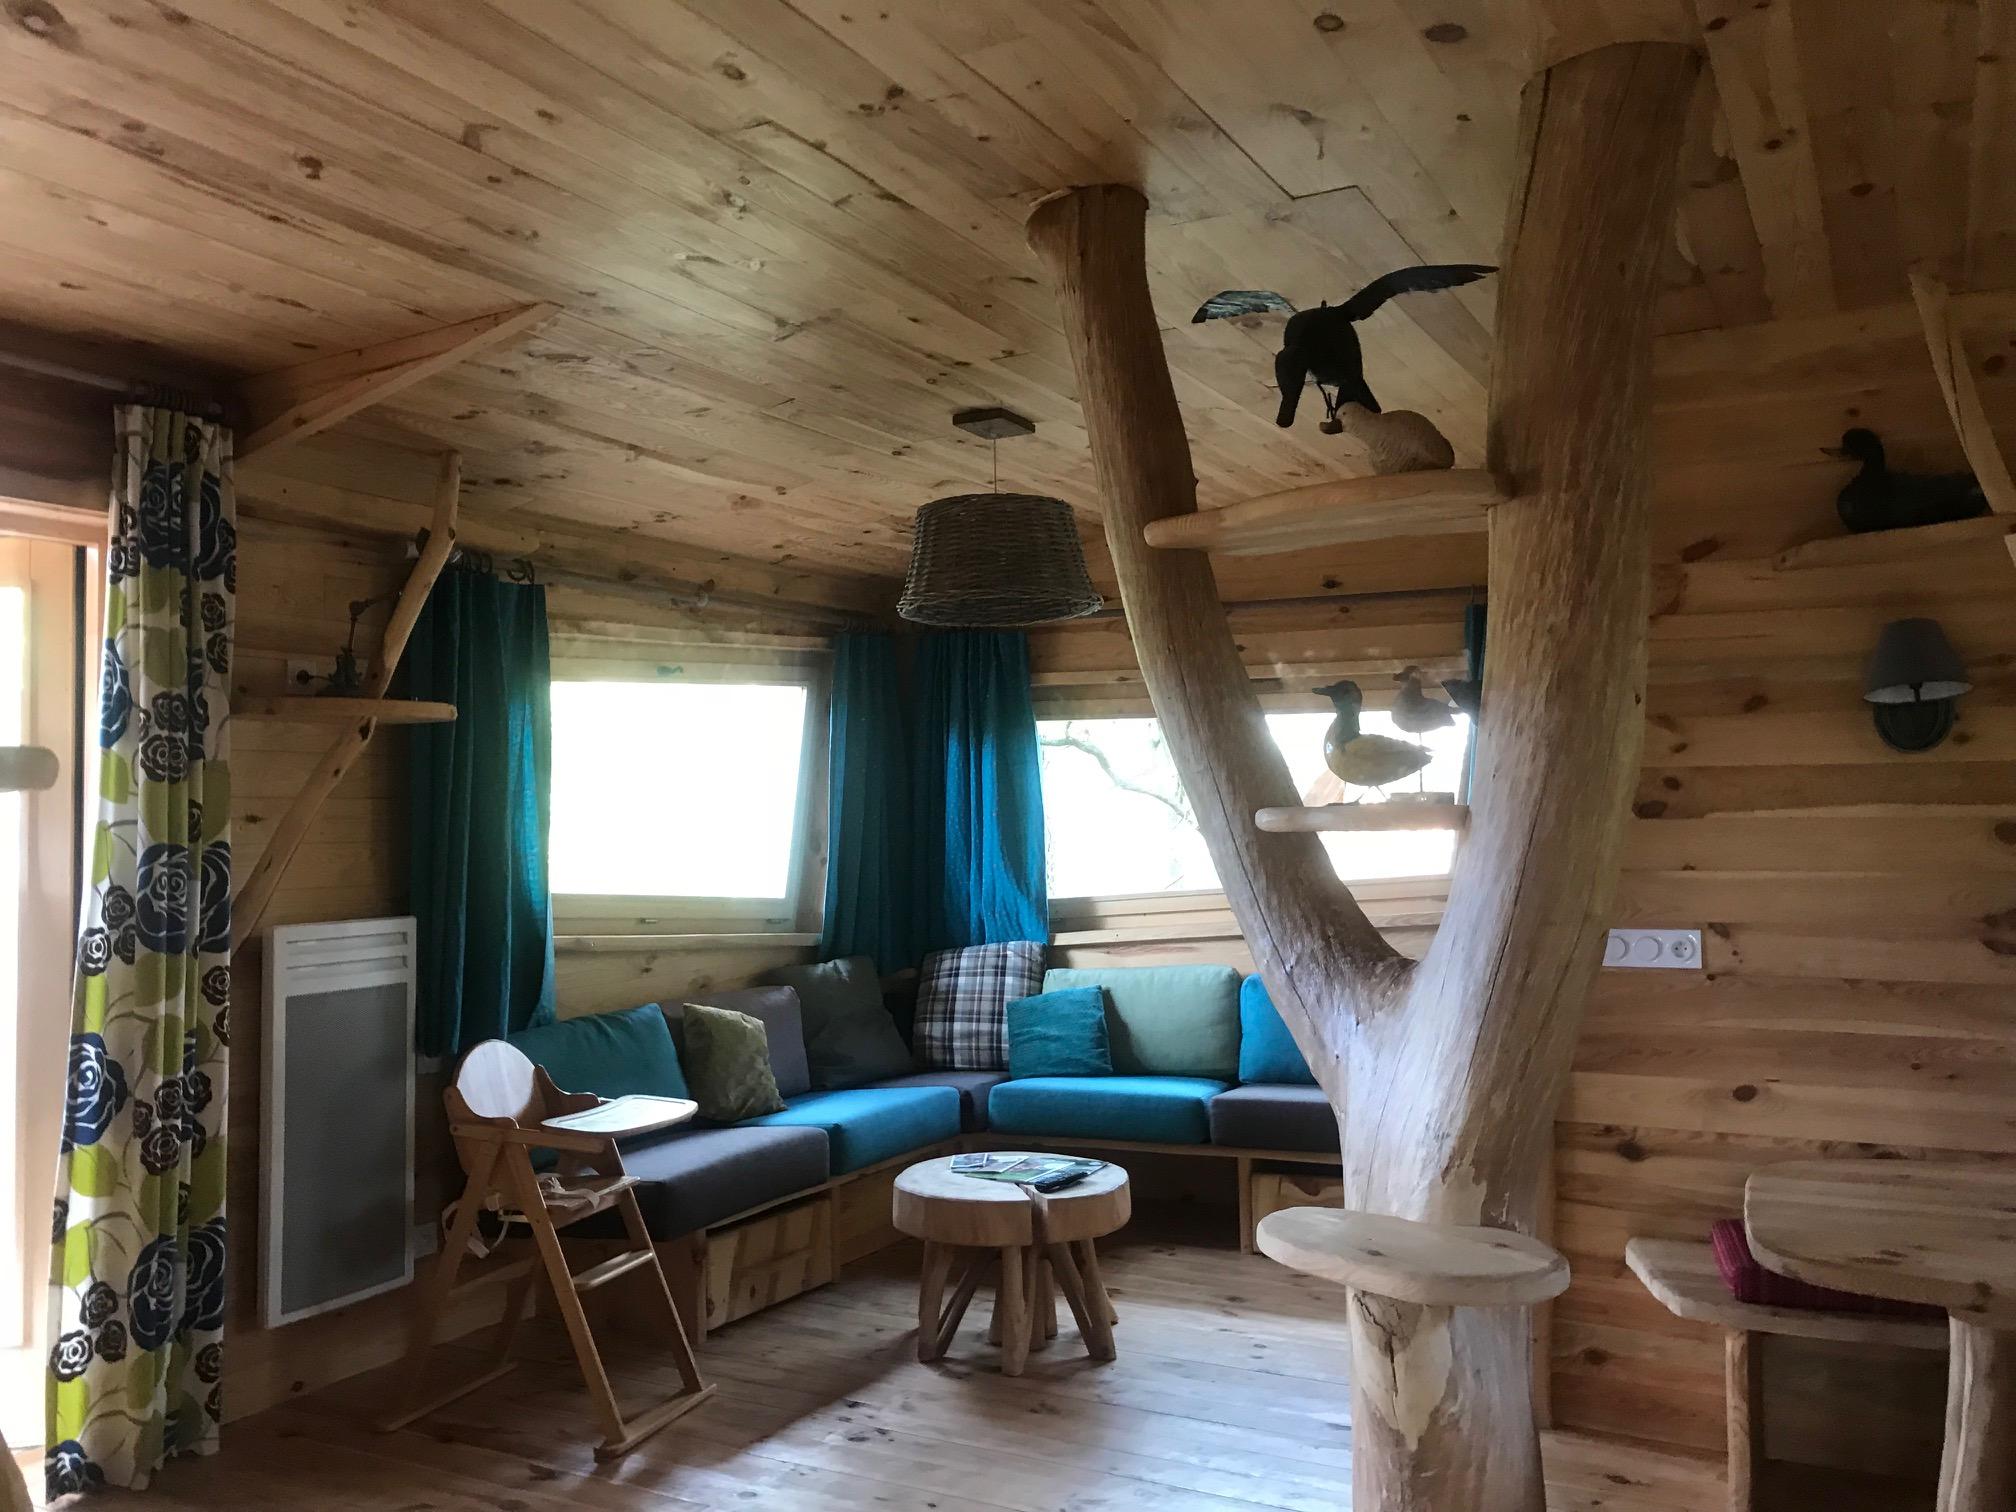 Center parc bois au daim le test de la cabane dans les arbres pmgirl - Maison dans les bois ...